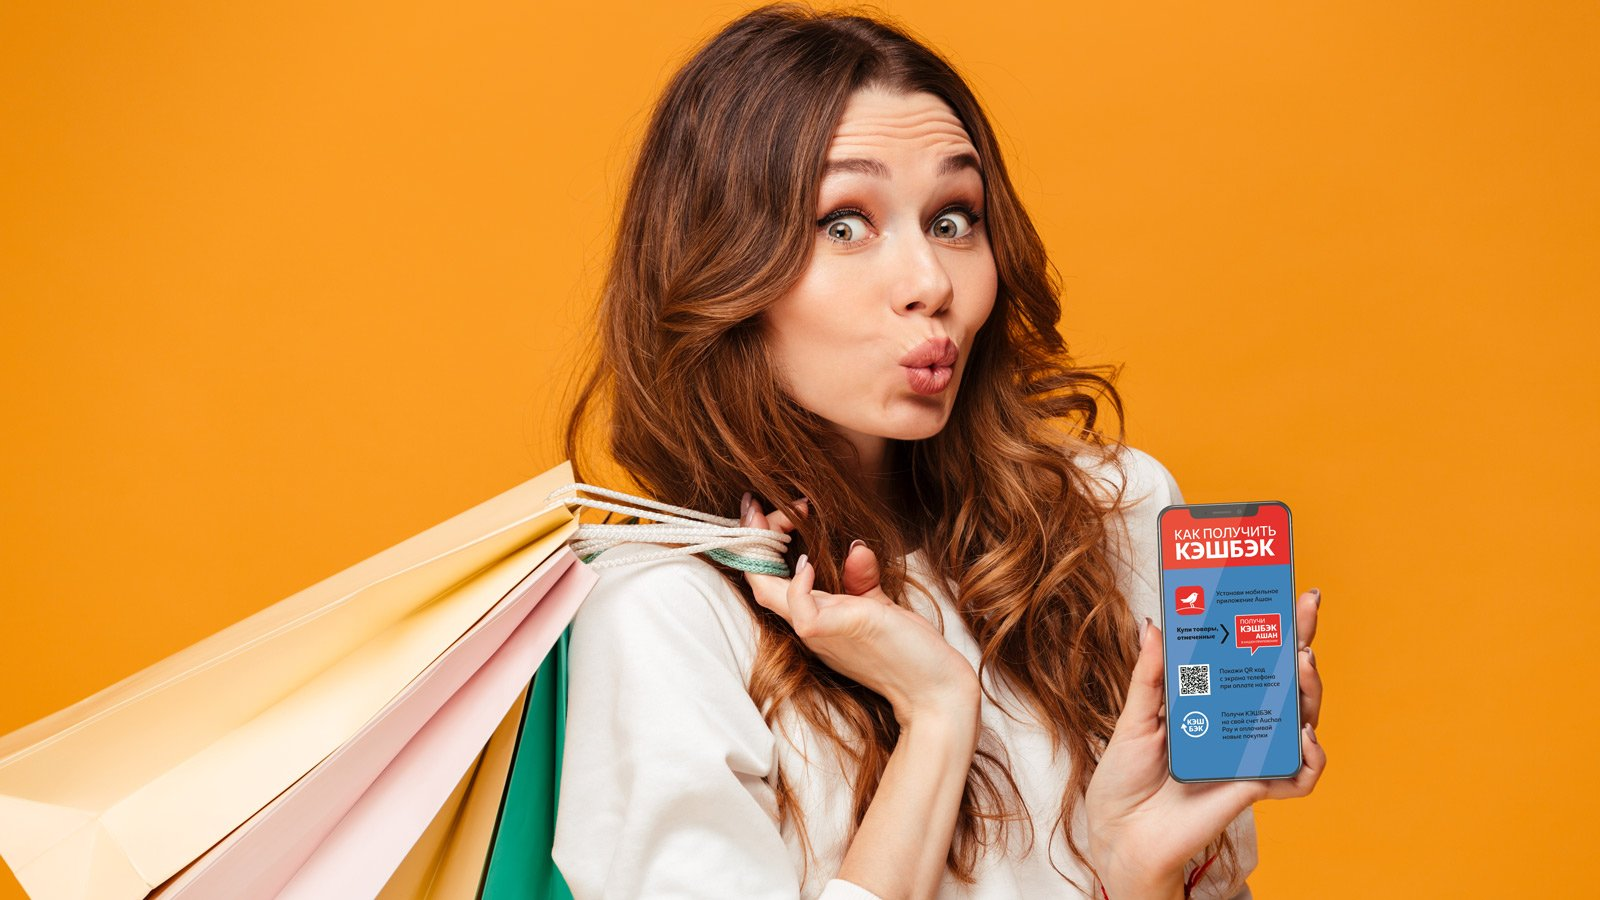 Преимущества кэшбэка в сфере интернет — торговли: возможности сэкономить на покупках